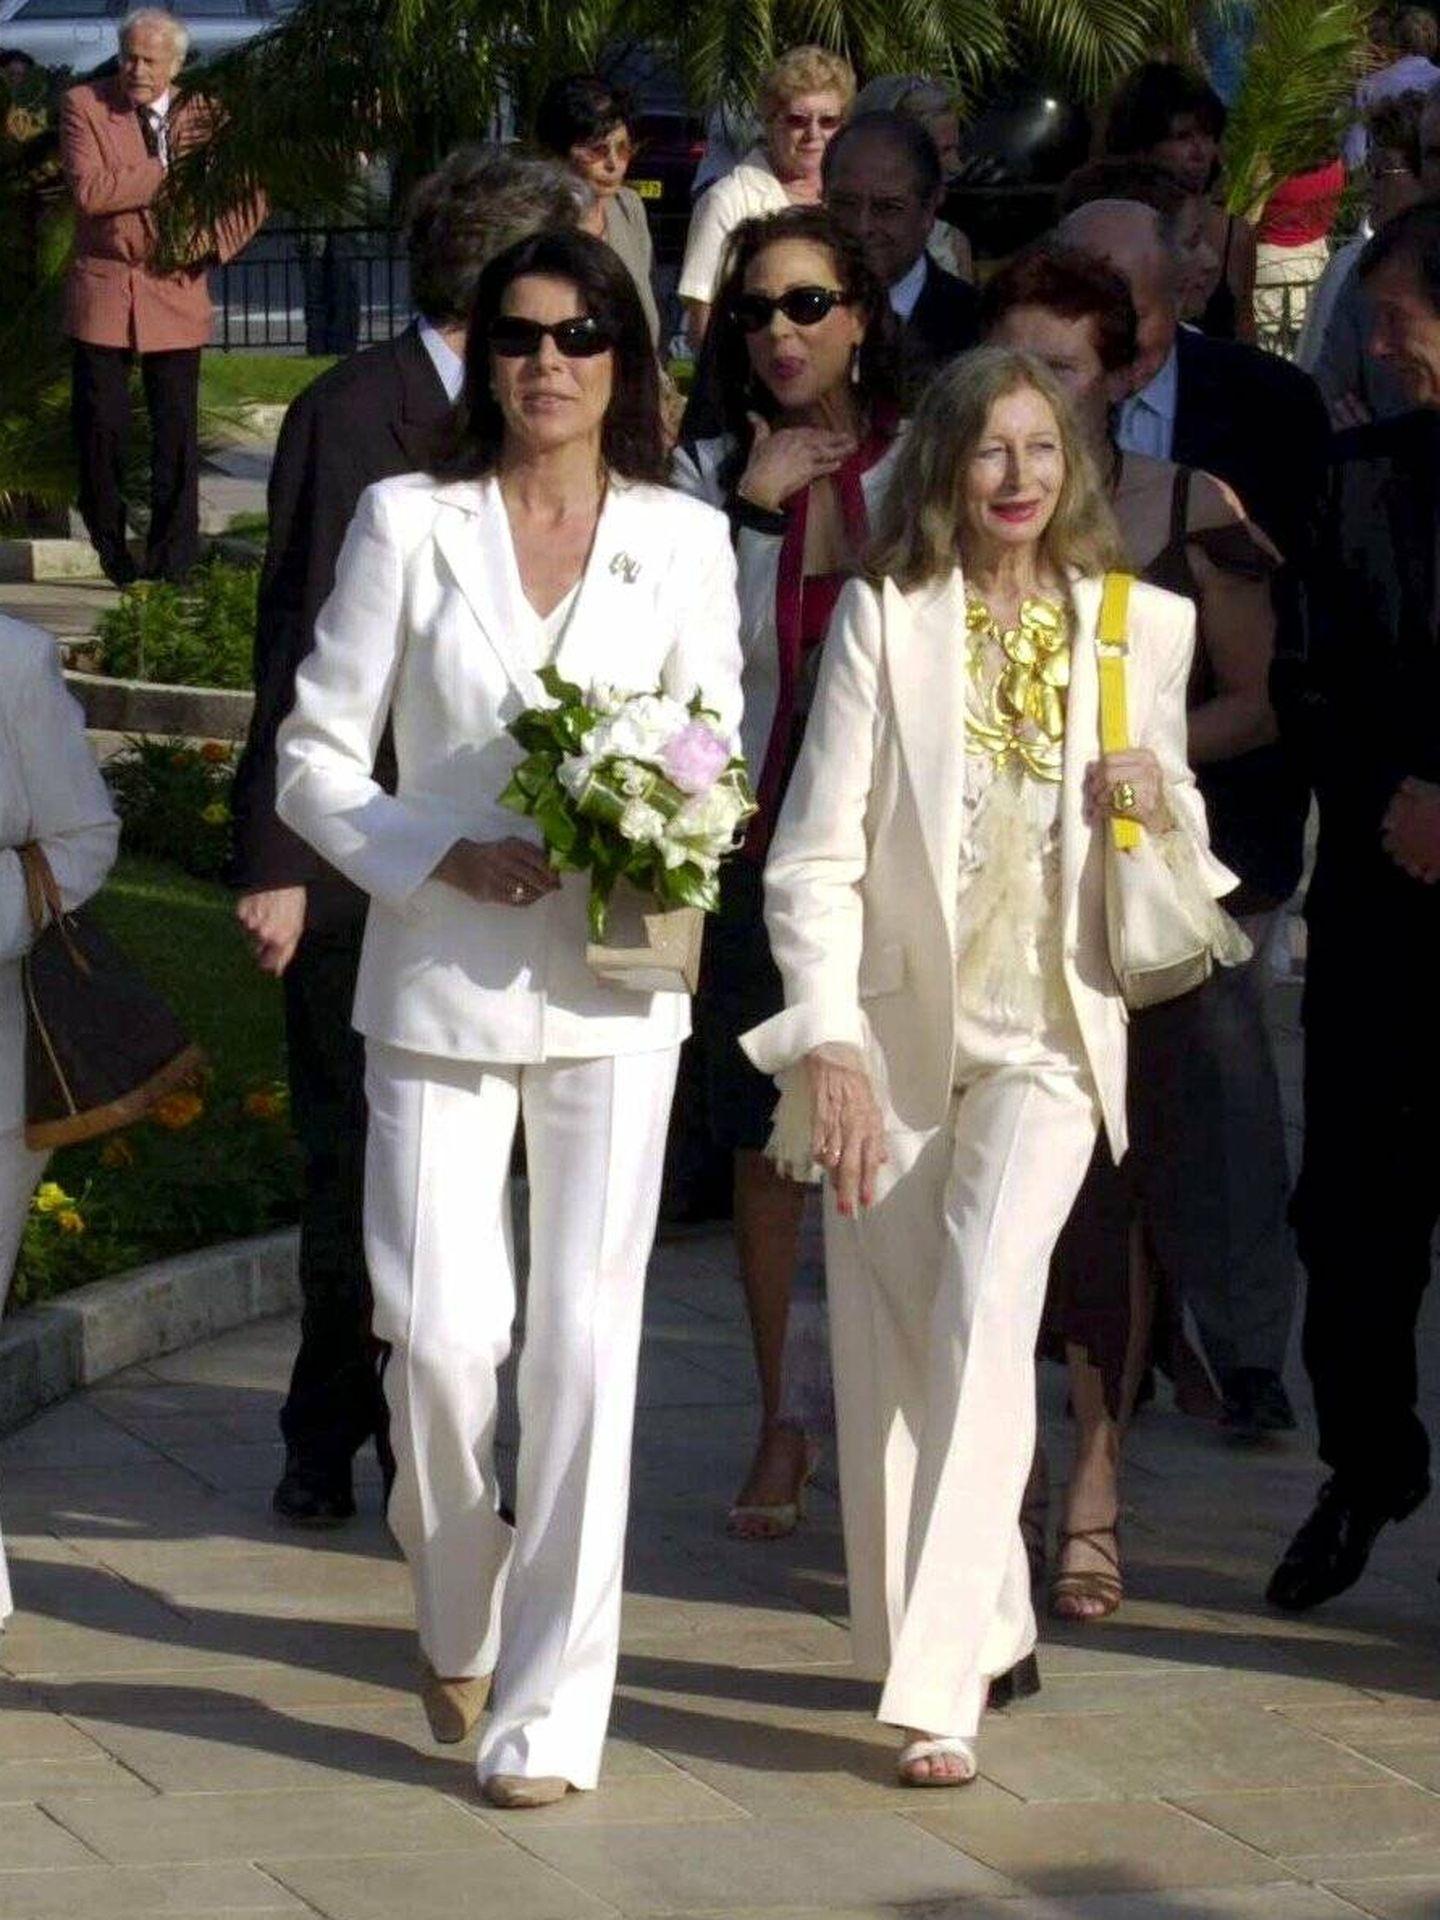 La princesa Carolina de Mónaco, en un festival de escultura de Montecarlo en 2004. (Cordon Press)